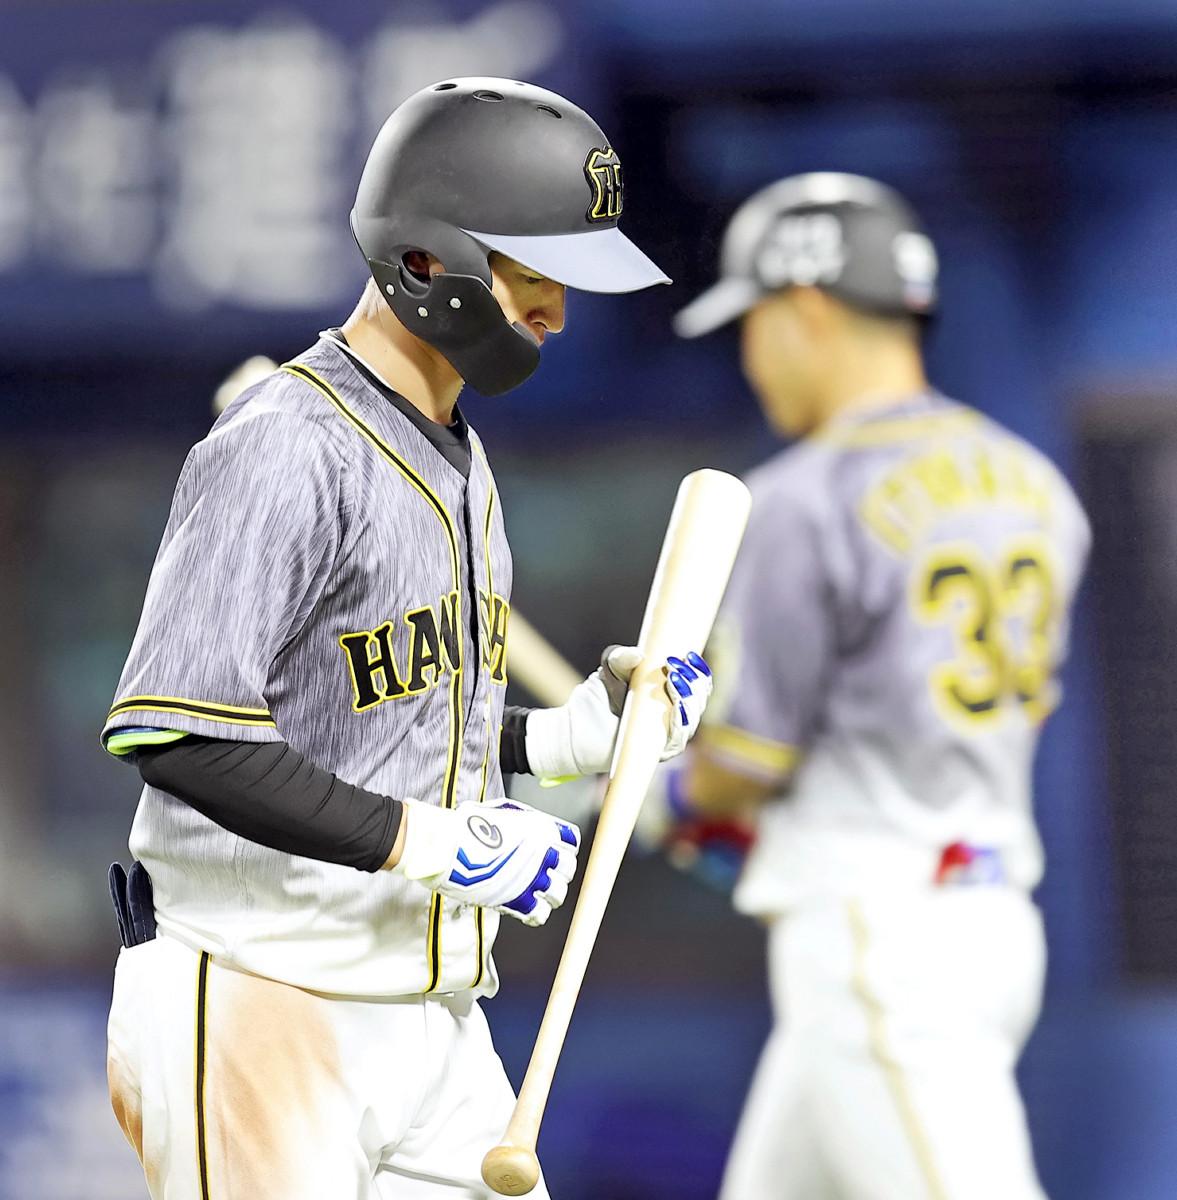 【阪神】近本光司がセ最下位打率.114も浮上のキーマン 矢野監督「我慢」 : スポーツ報知